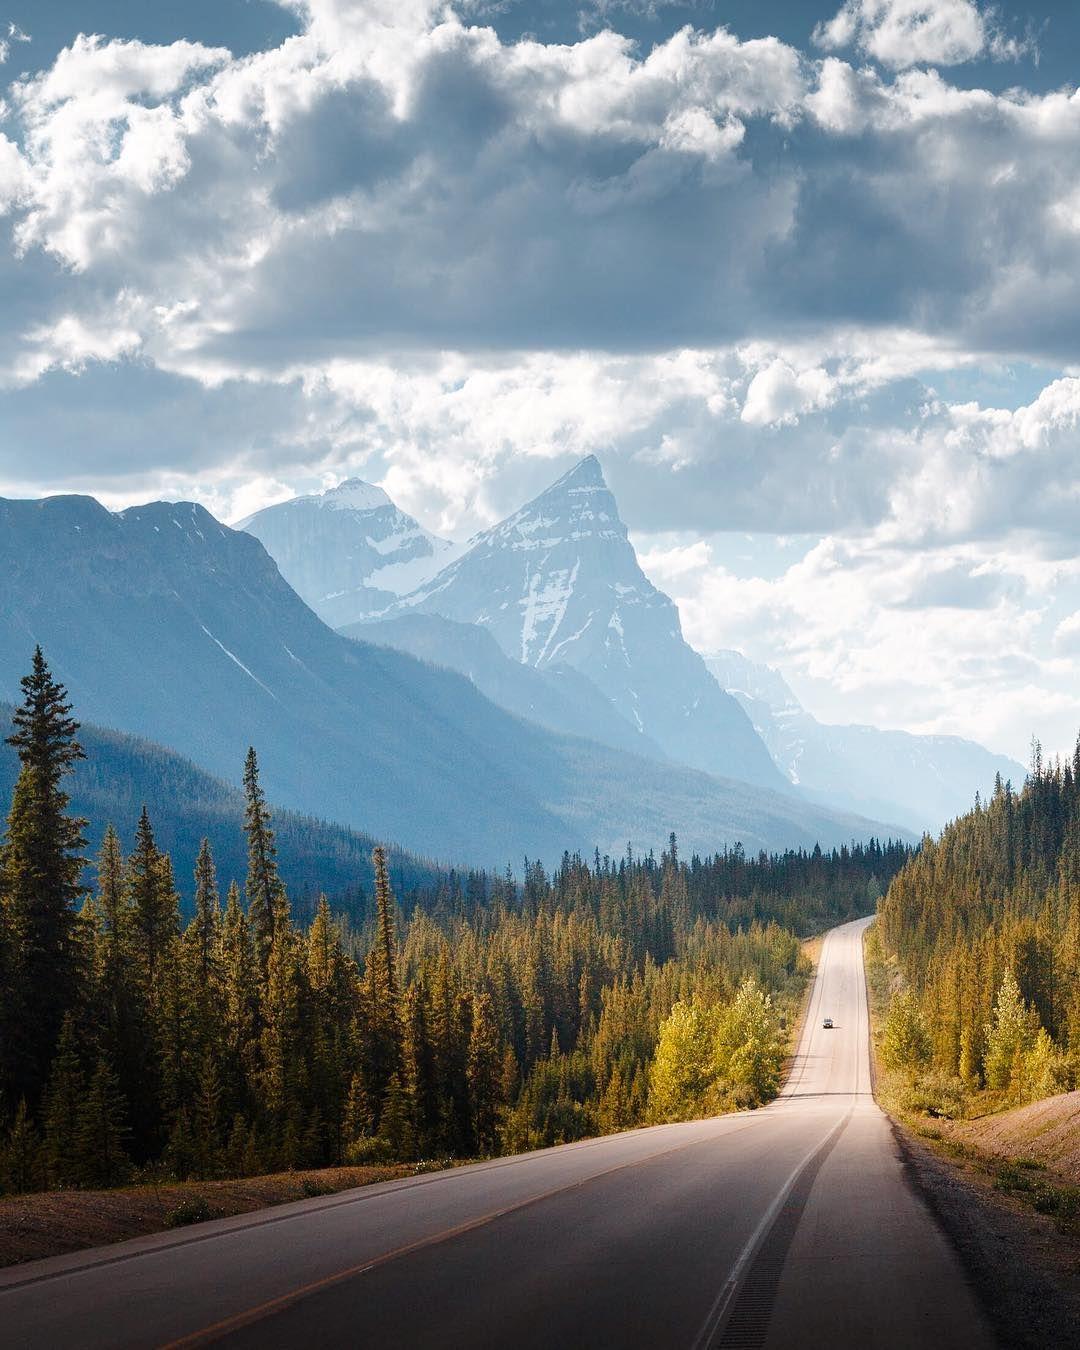 Дорога на природу вертикальная картинка